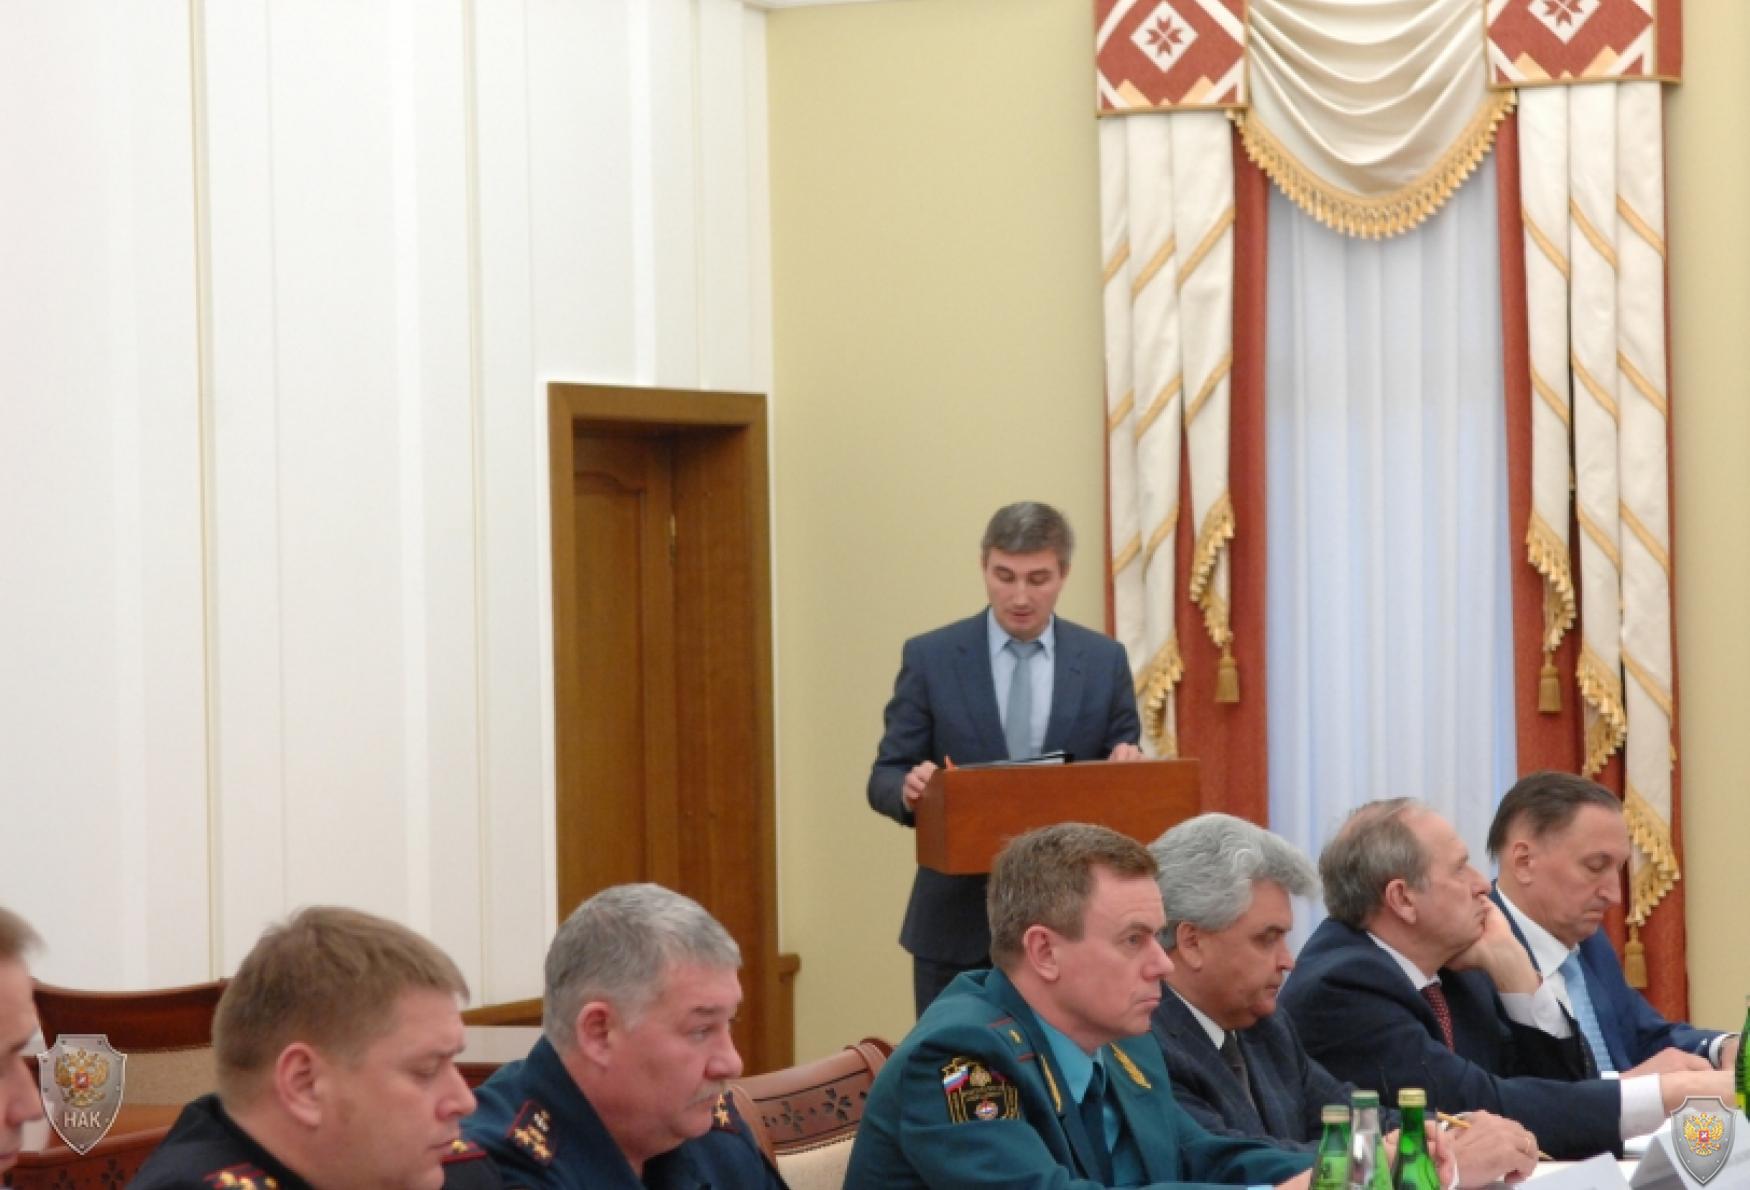 Владимир Волков: «На майские праздники в Мордовии будут усилены меры безопасности»